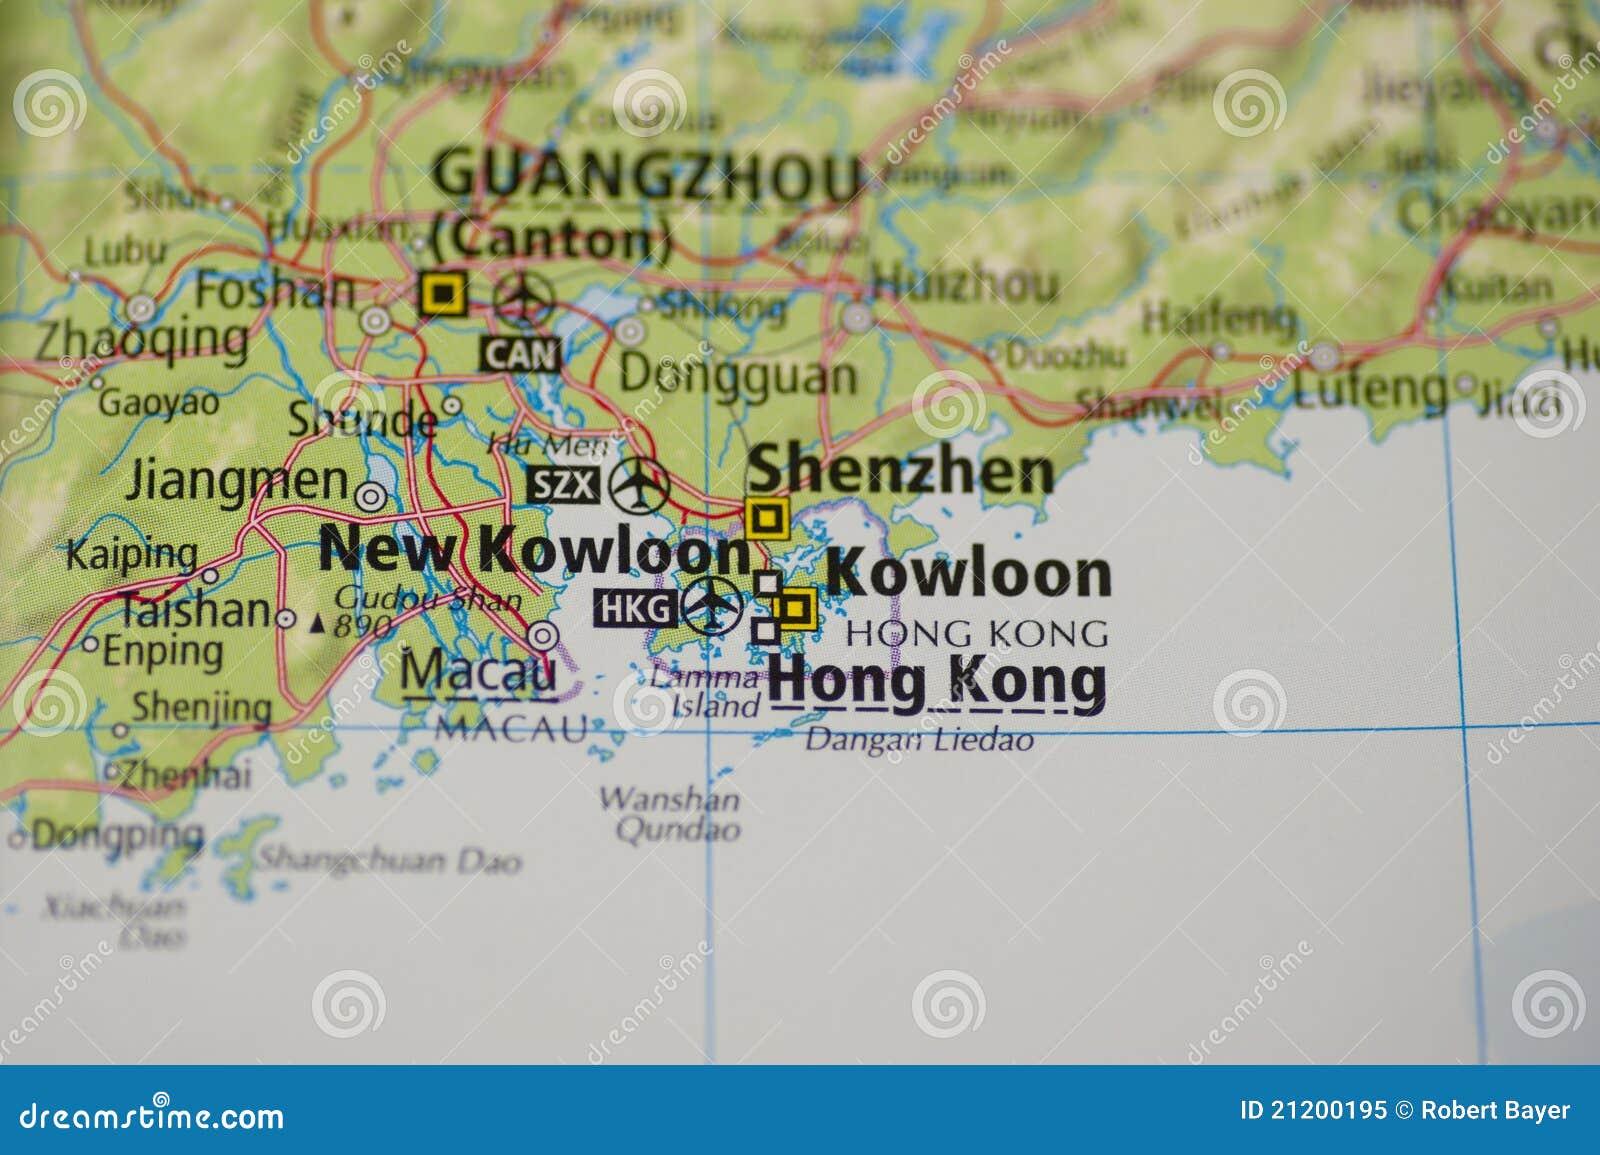 Map Of China And Surrounding Areas.Hong Kong Map Stock Image Image Of Macau Close China 21200195